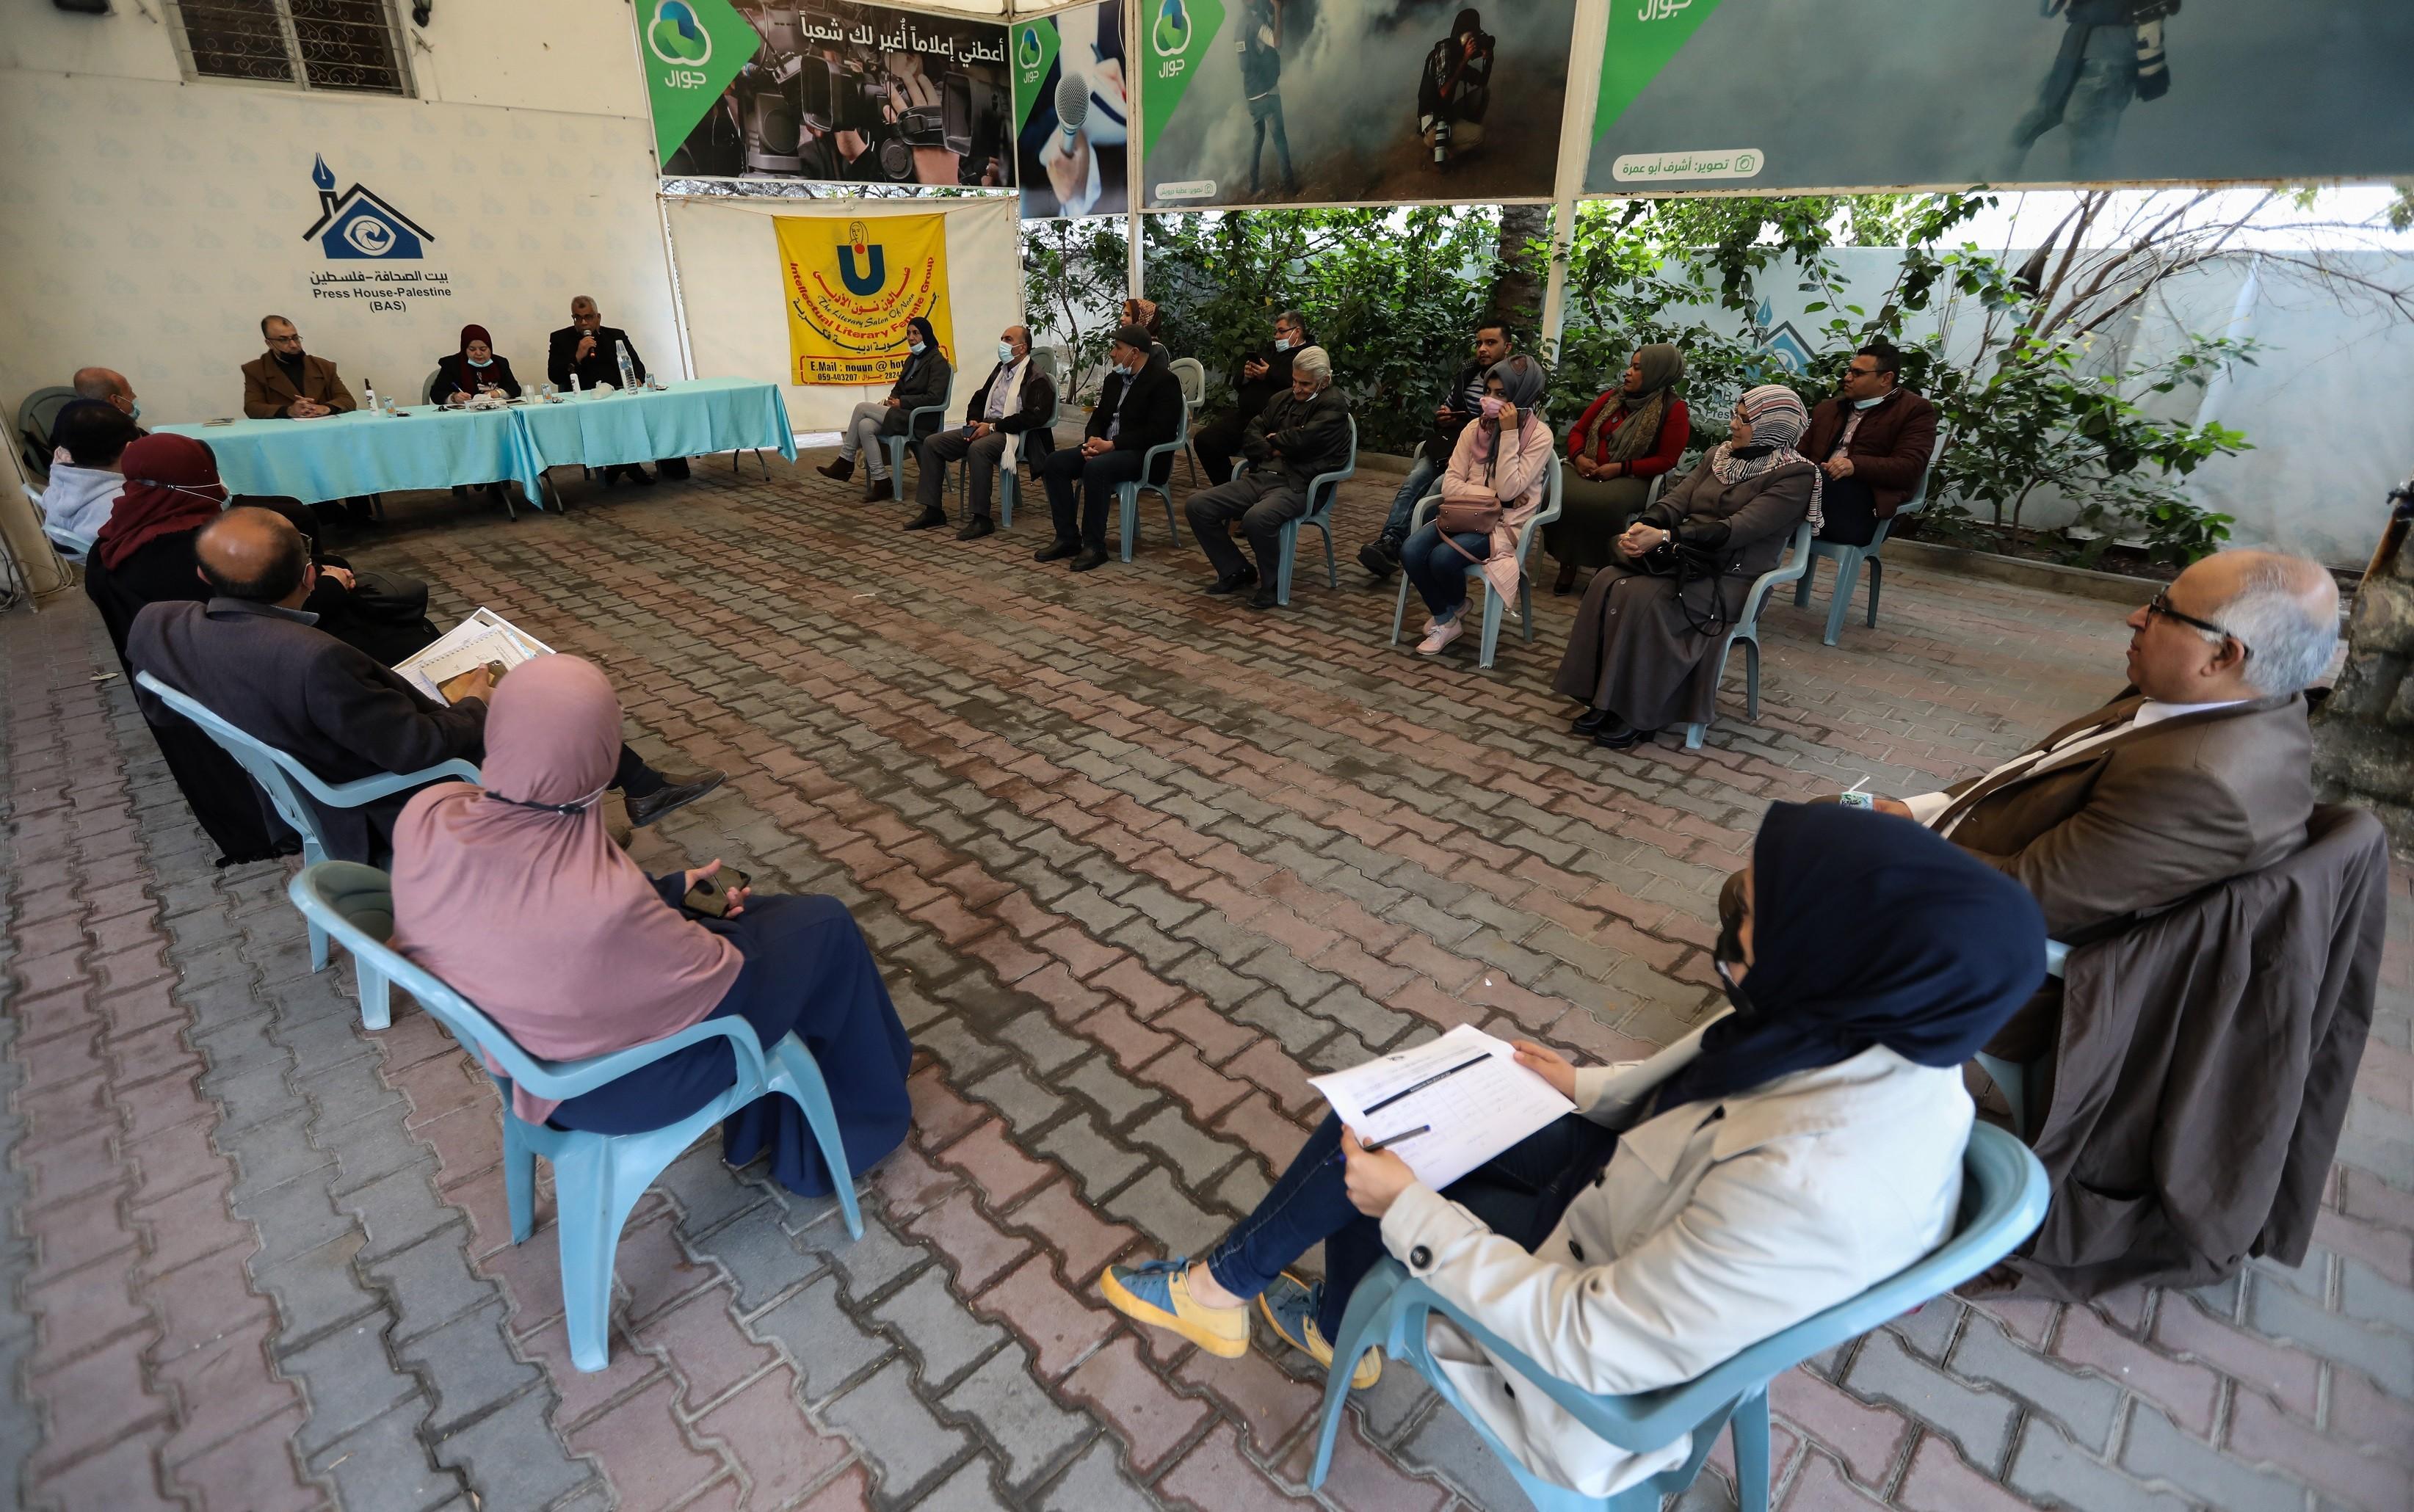 صالون نون الأدبي ينظم لقاءين أدبيين في بيت الصحافة بغزة